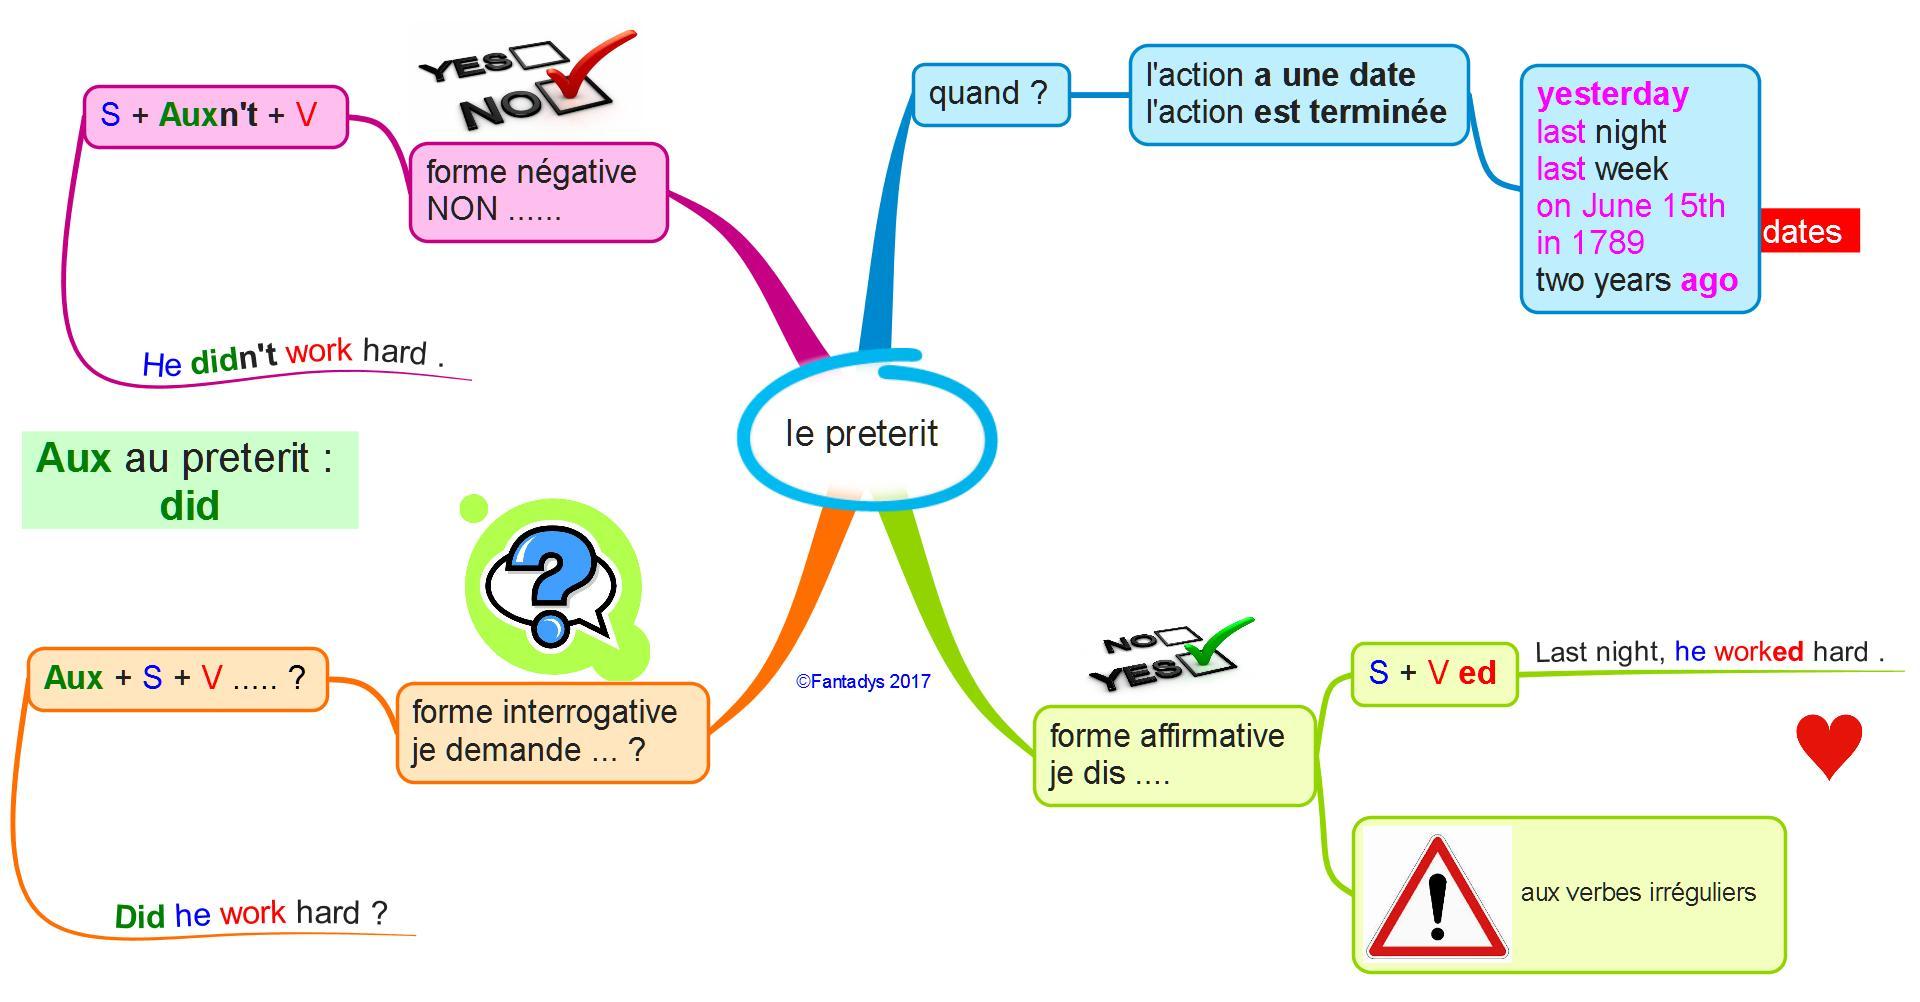 Rencontrer en anglais au preterit